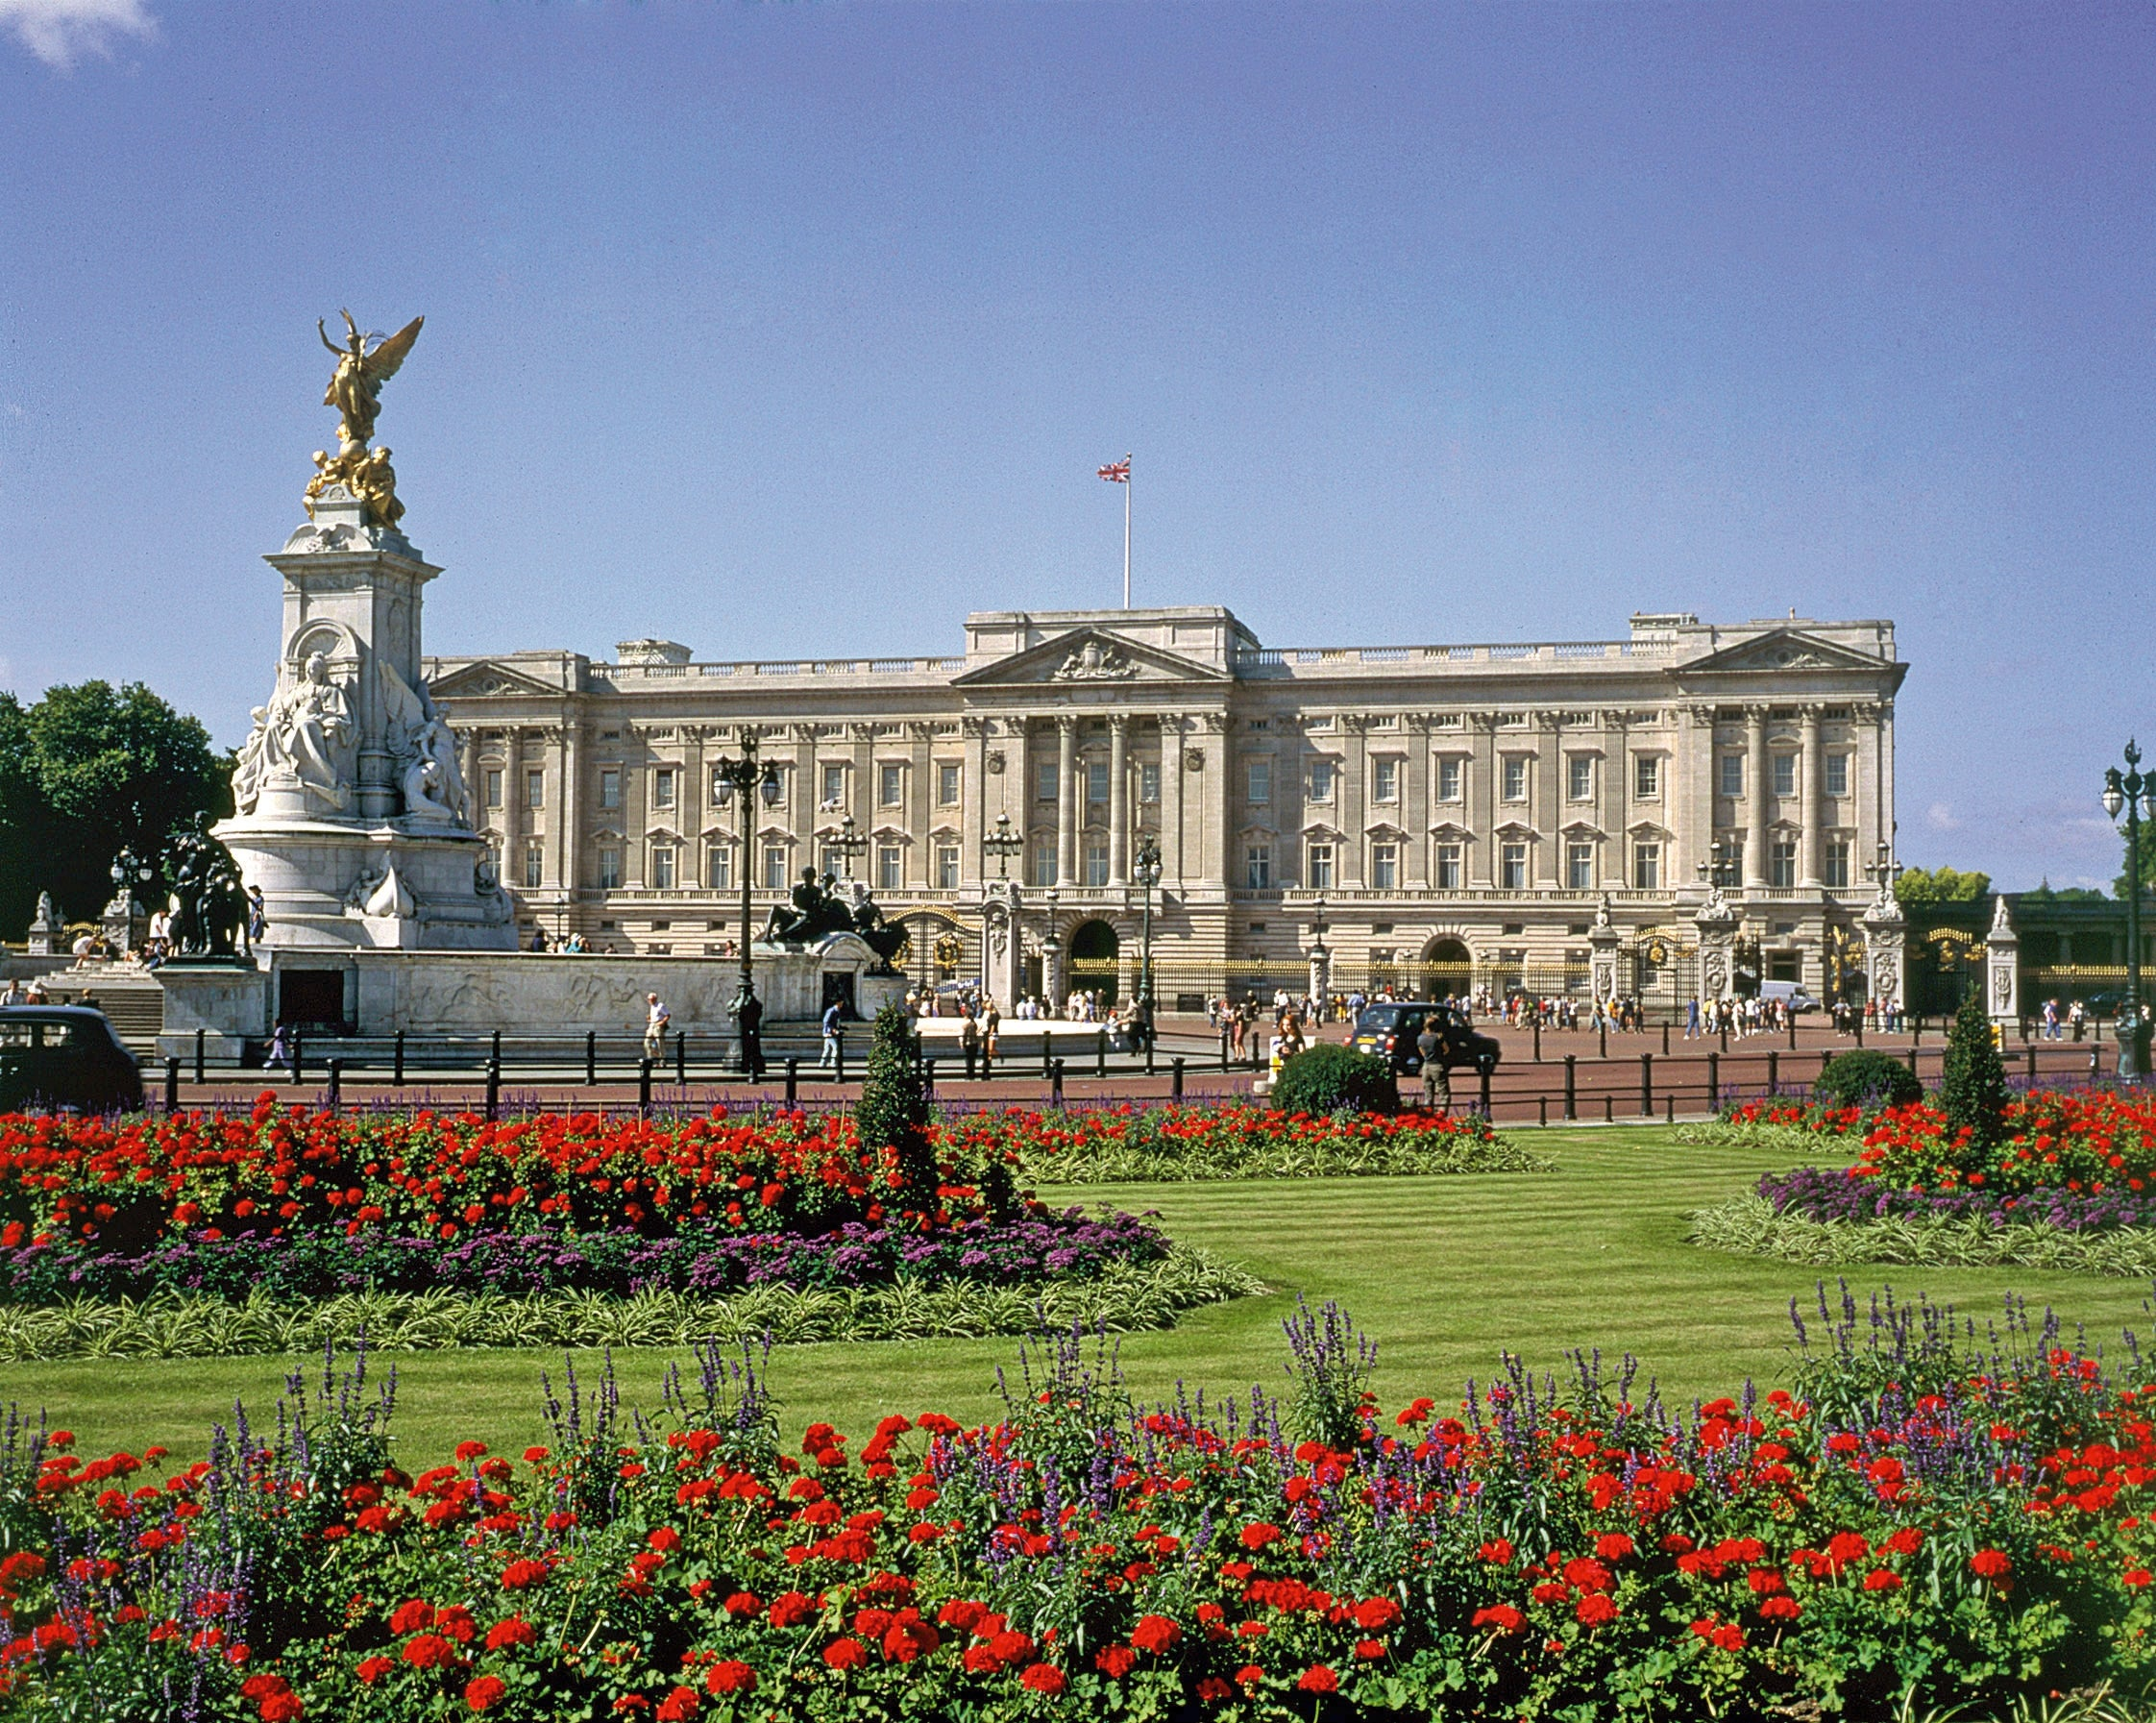 Buckingham Palace & Stonehenge